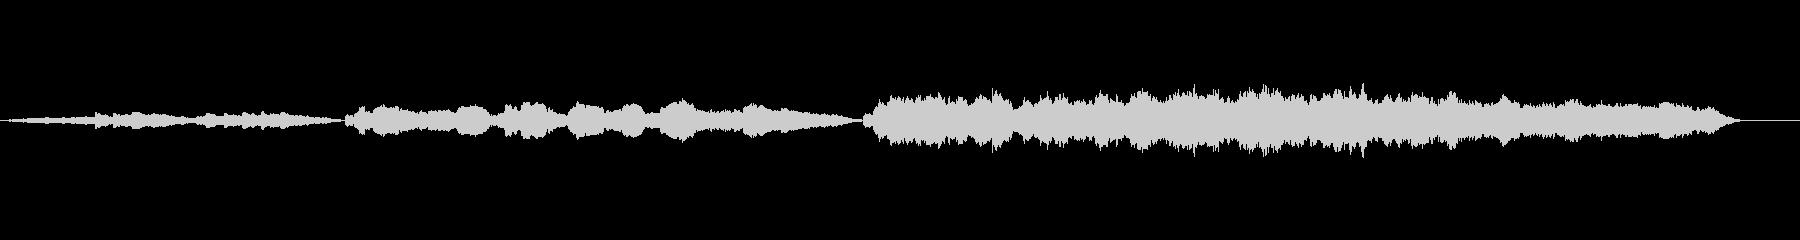 温もりのある木管とストリングスの未再生の波形